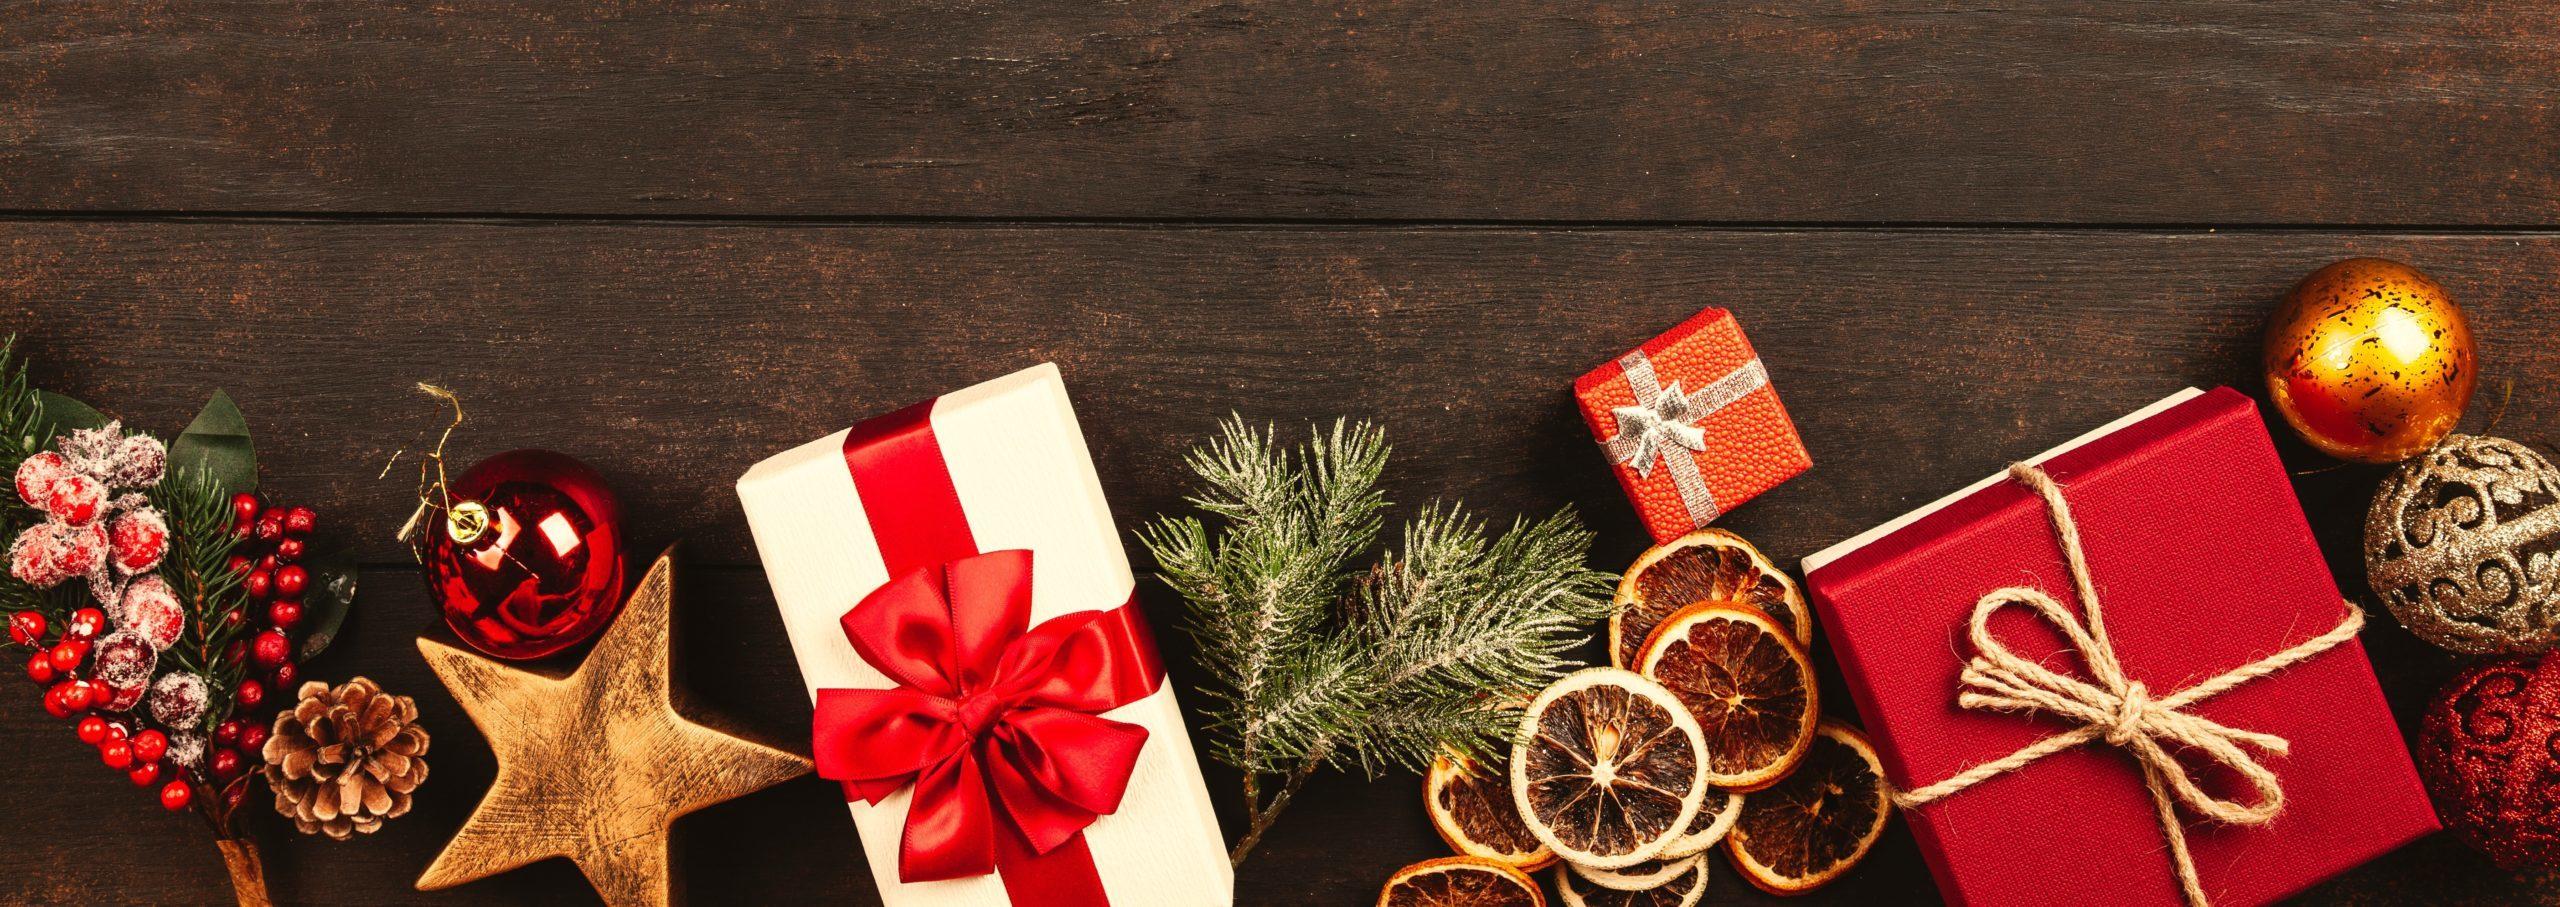 Weihnachtsmarkt der Mitglieder